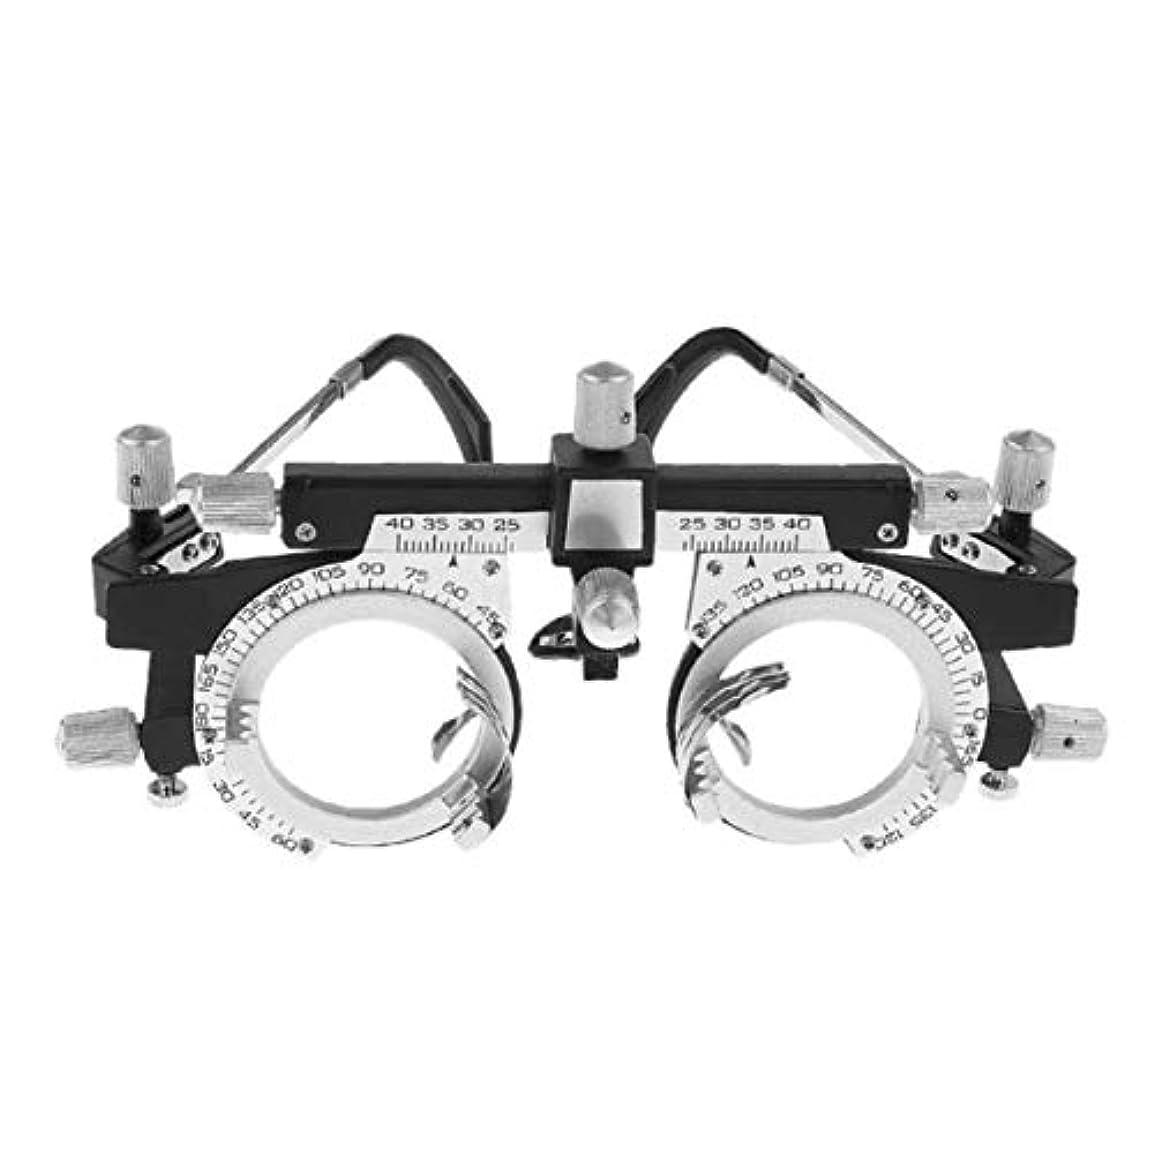 ペストリー遷移誇り調整可能なプロフェッショナルアイウェア検眼メタルフレーム光学眼鏡眼鏡トライアルレンズメタルフレームPD眼鏡アクセサリー-シルバー&ブラック